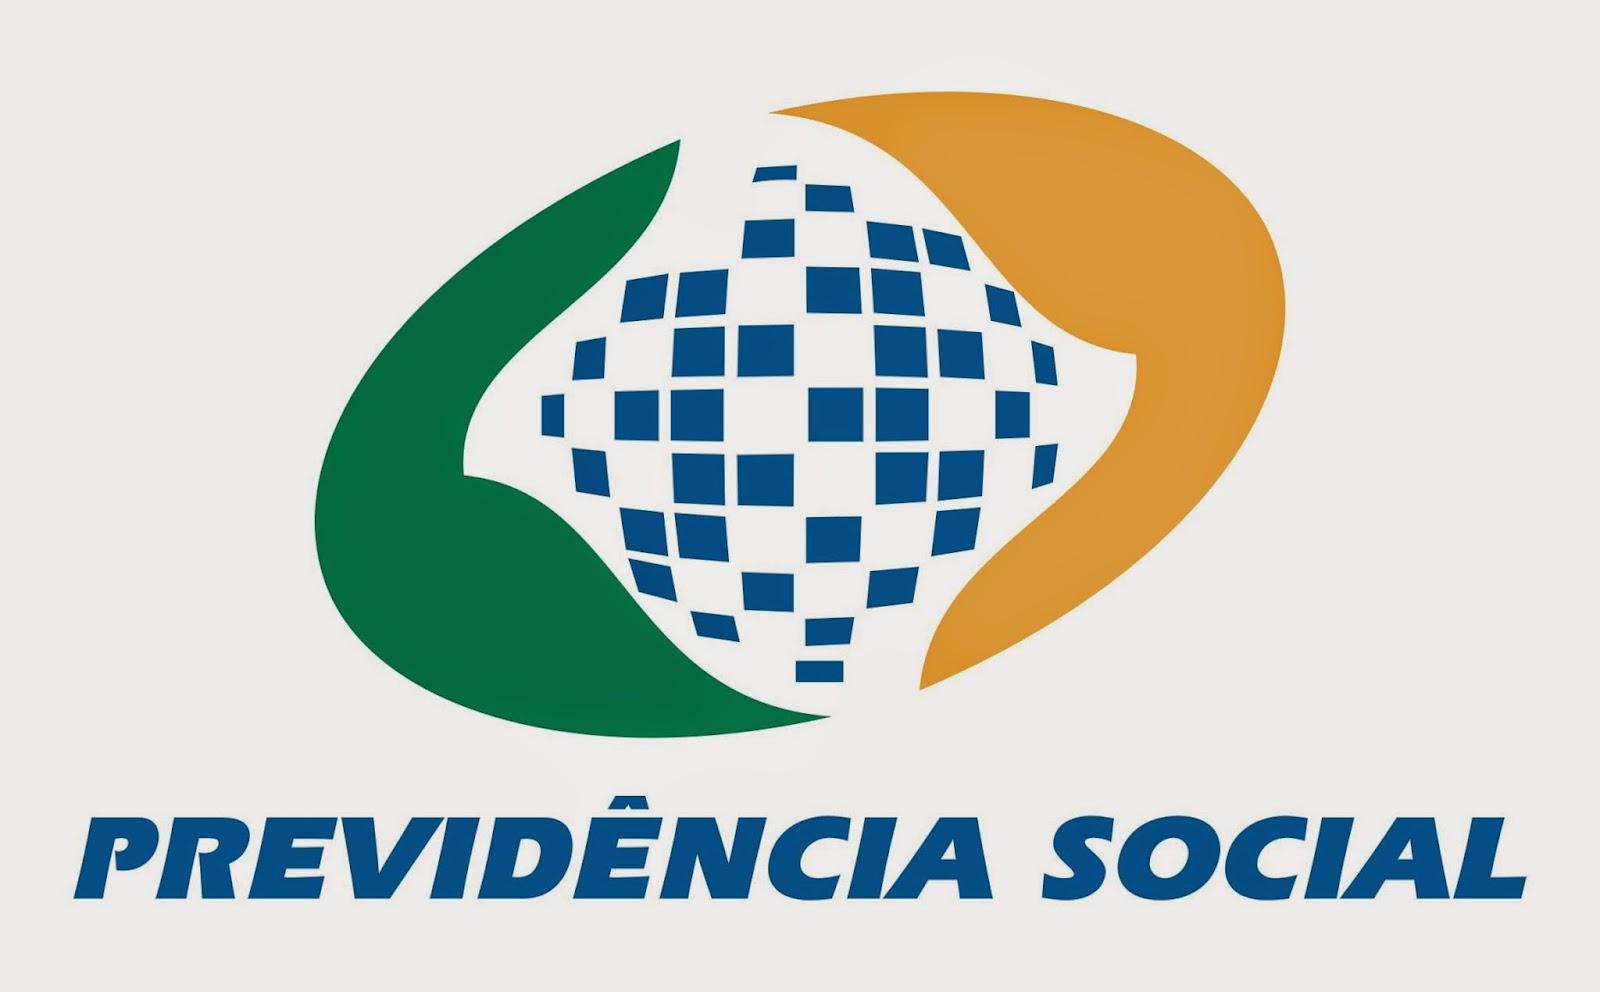 Viçosa do Ceará assina acordo com o Ministério da Previdência Social